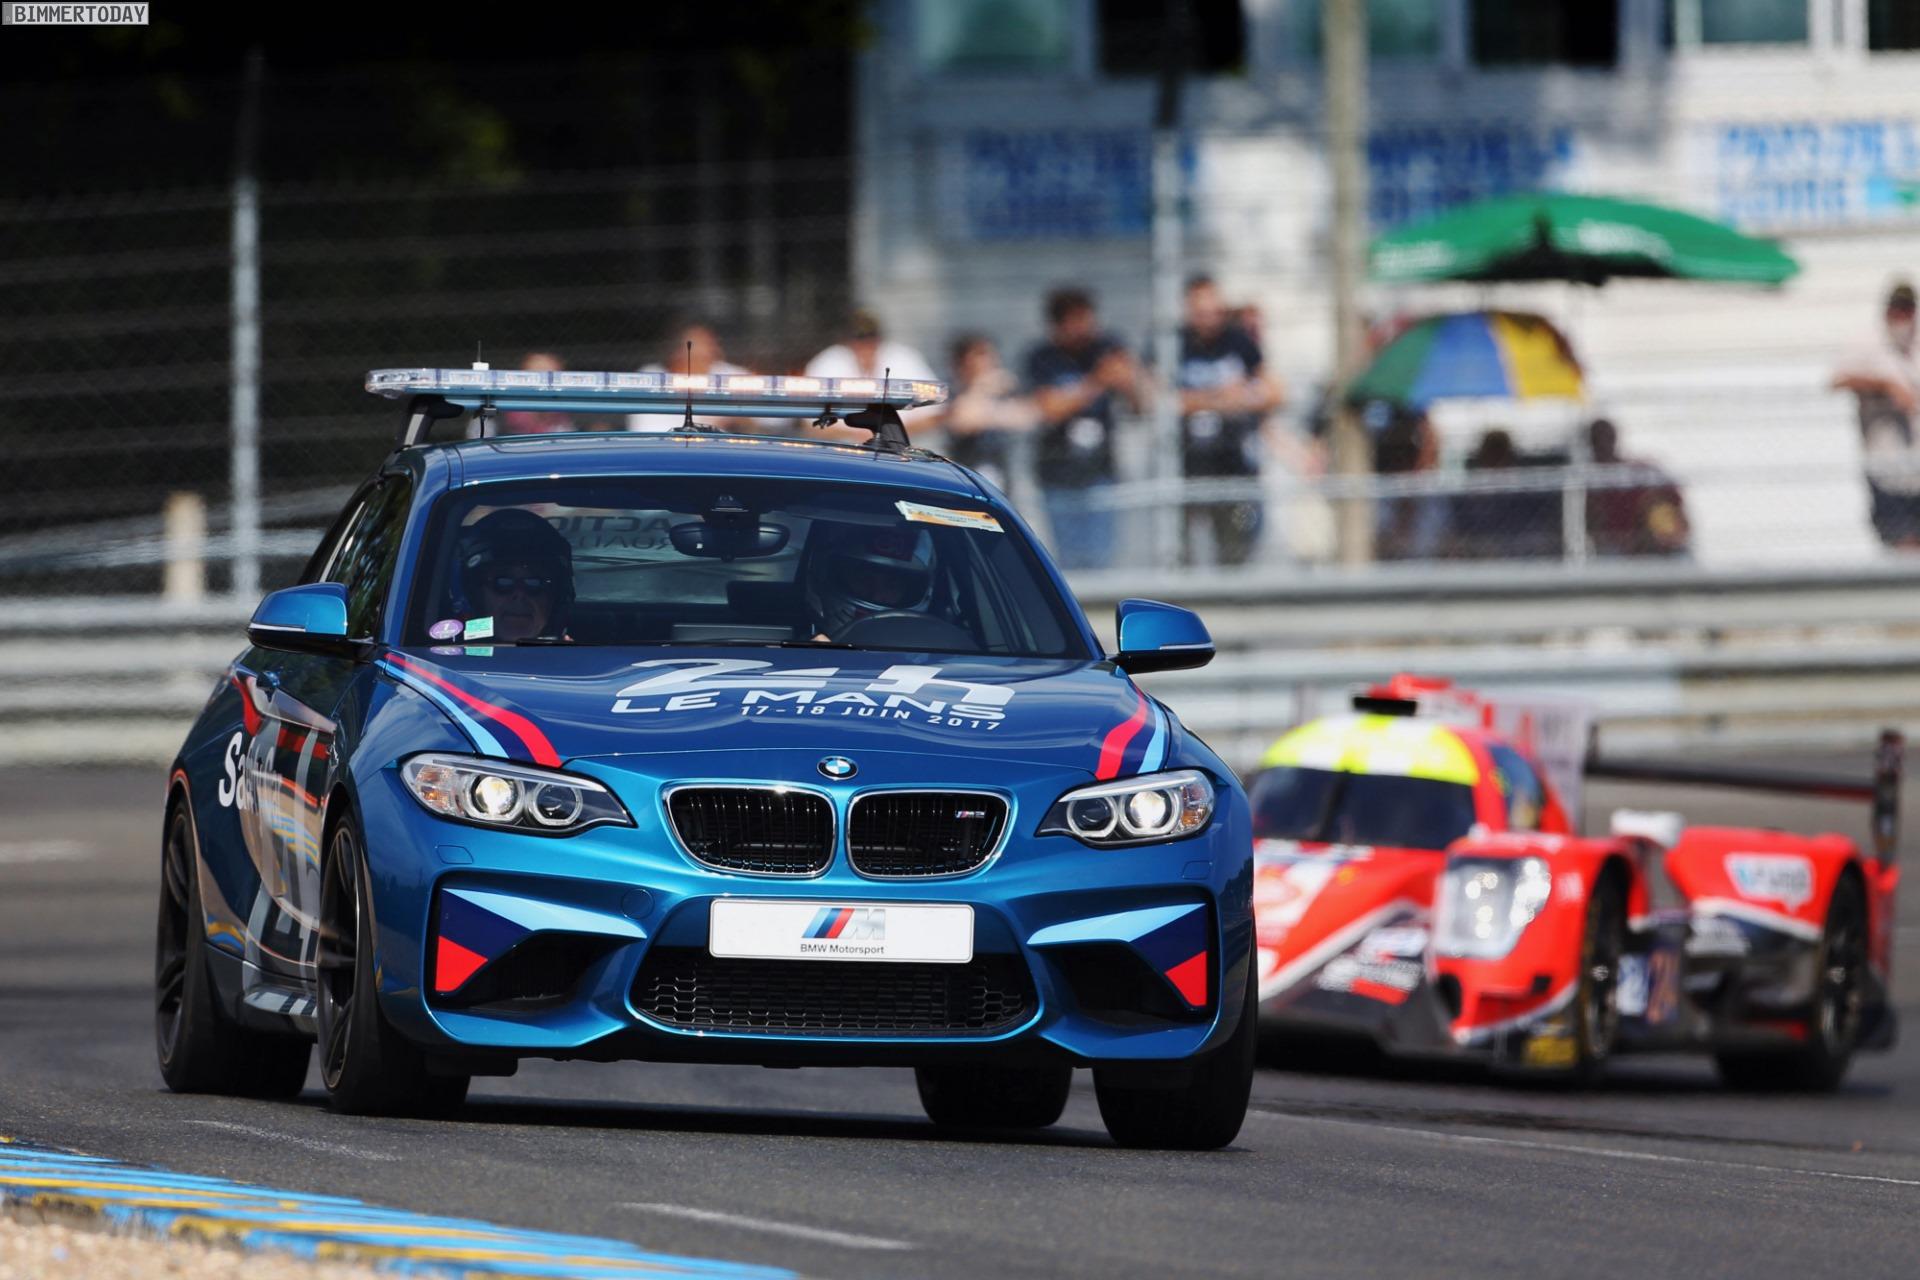 Bmw Race Cars Images